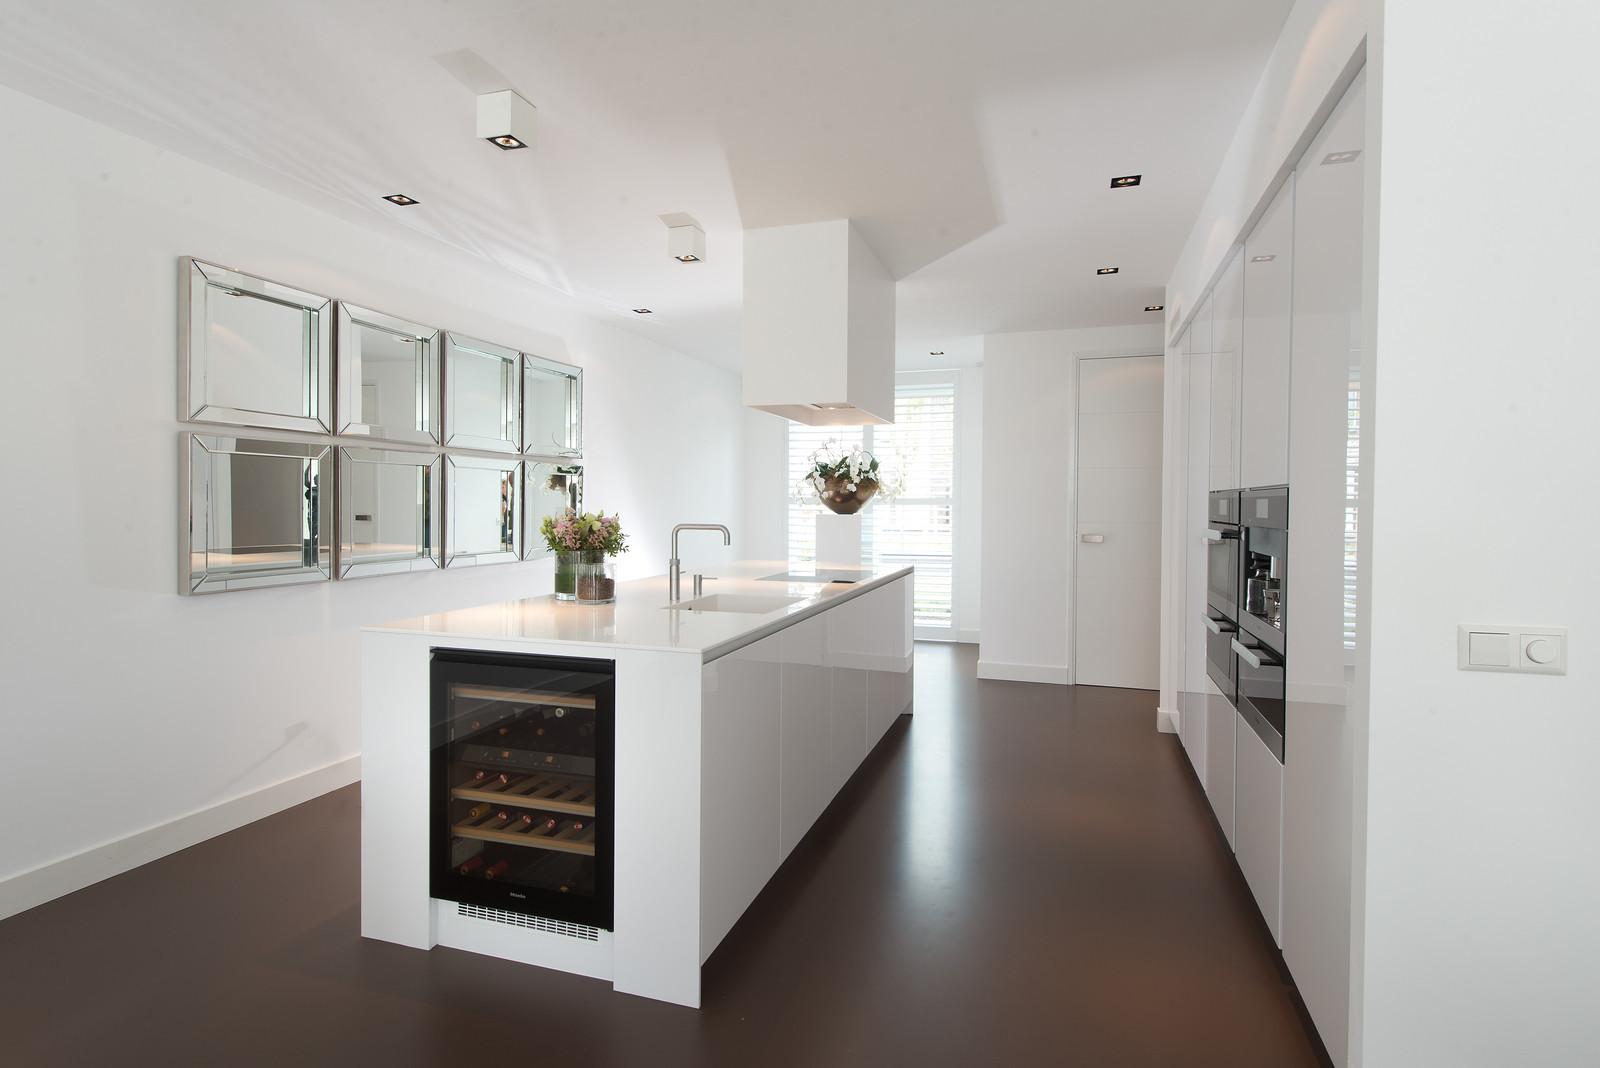 Witte Keuken Sfeer : Donkere vloer witte keuken thomas gaspersz